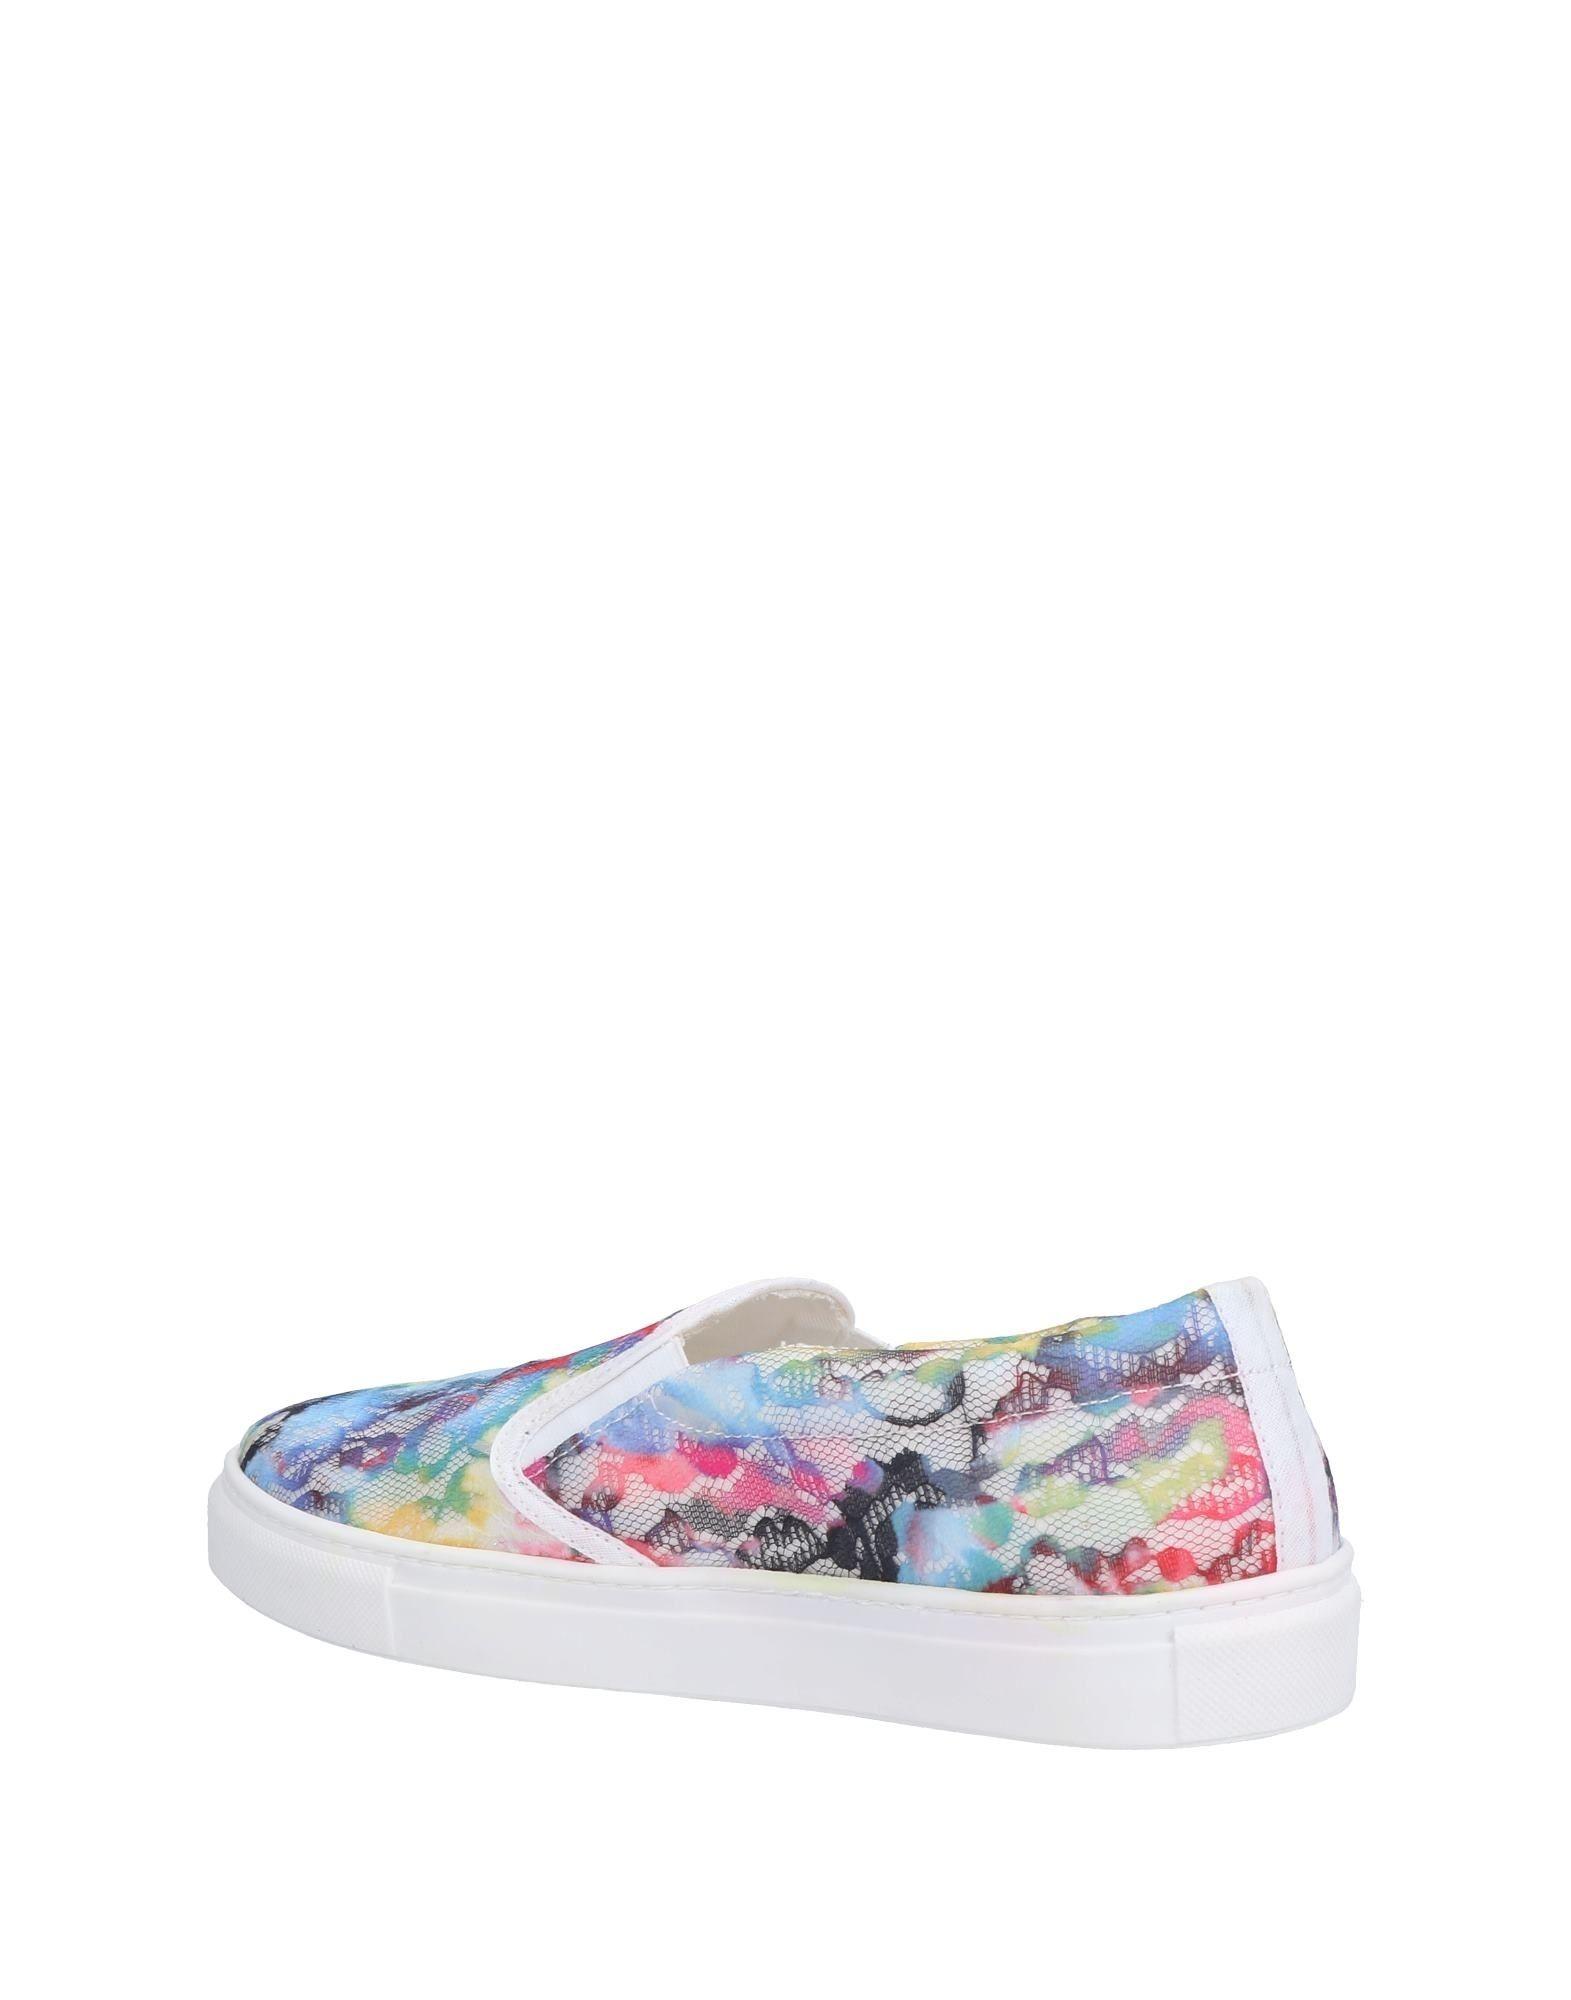 Guess Sneakers Damen   Damen 11496984EP  b67e7d